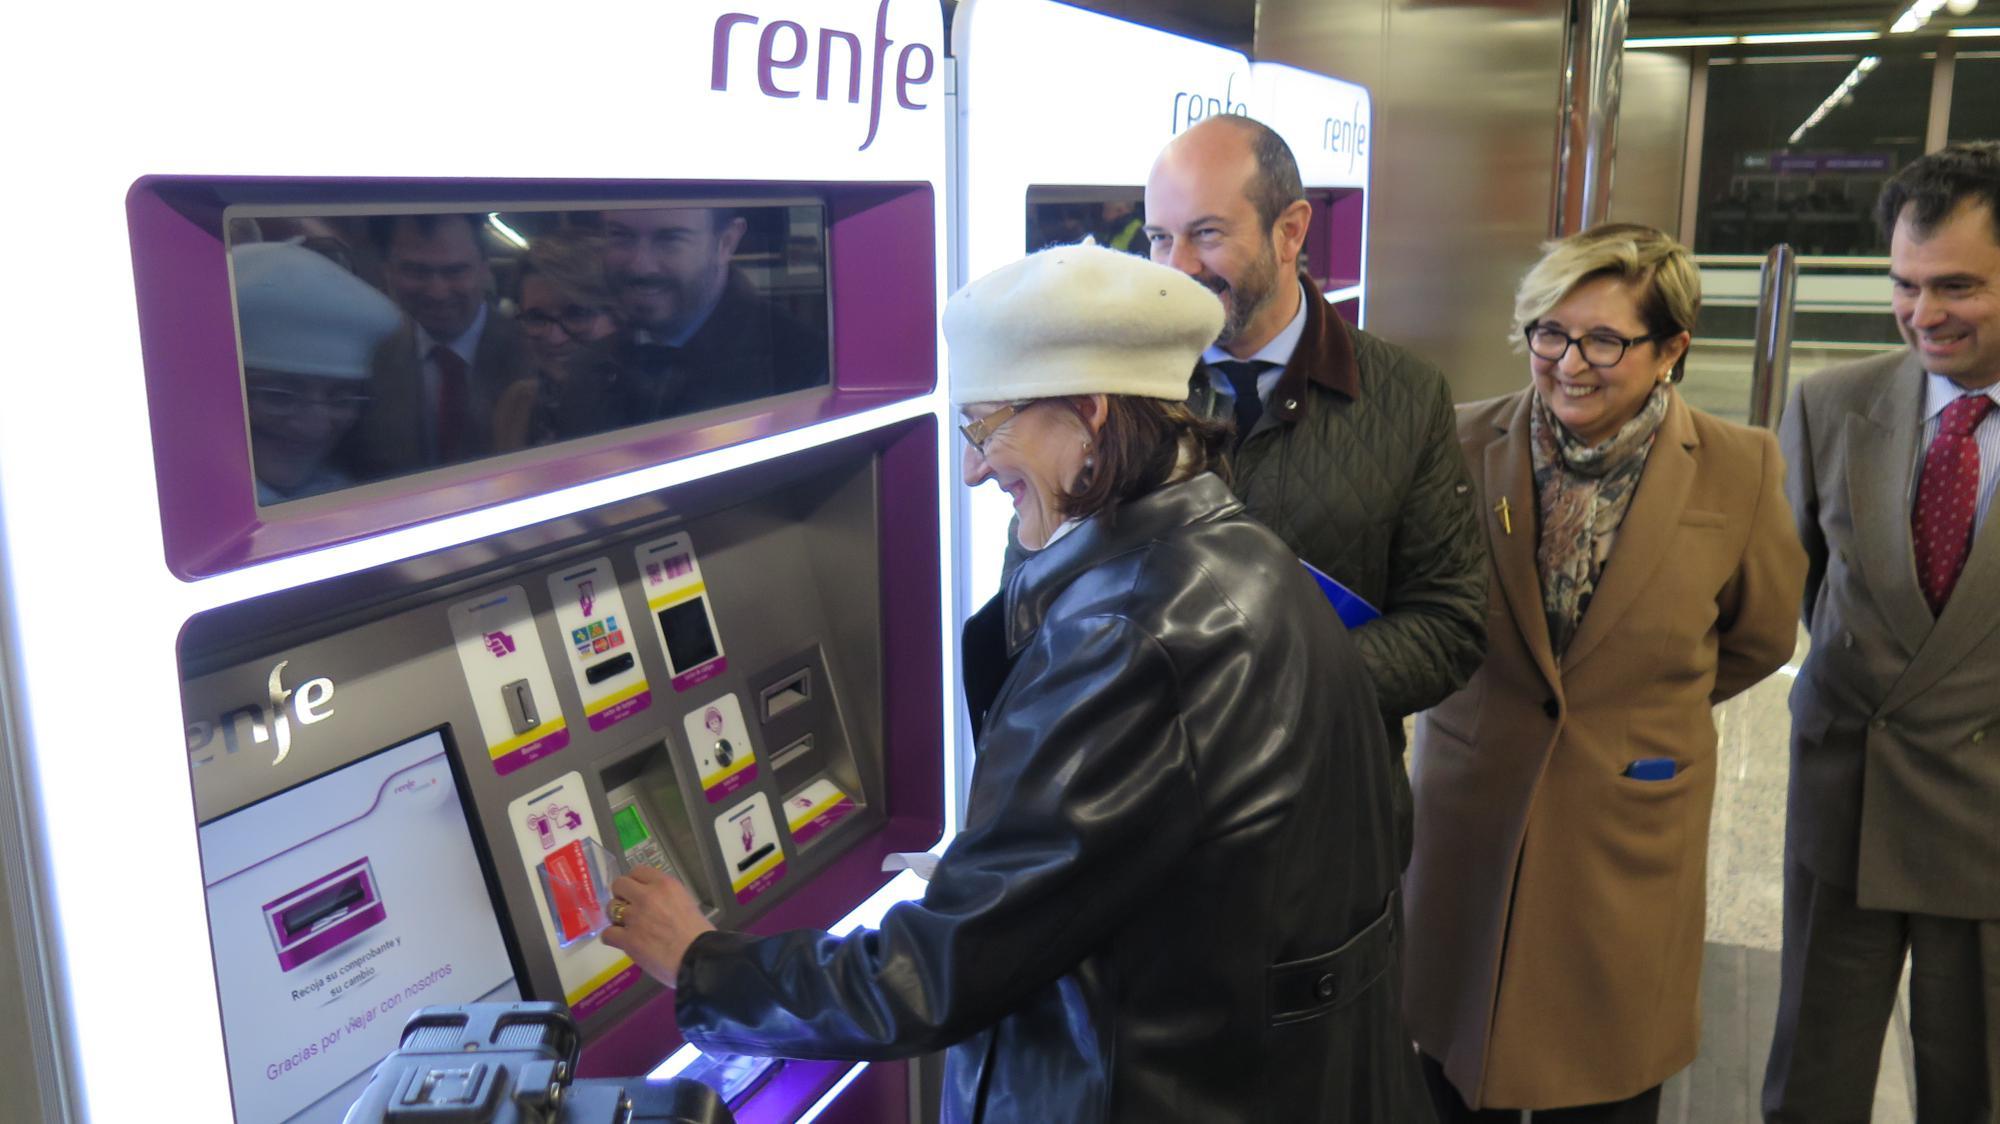 El abono transportes se podrá recargar en las máquinas de Cercanías